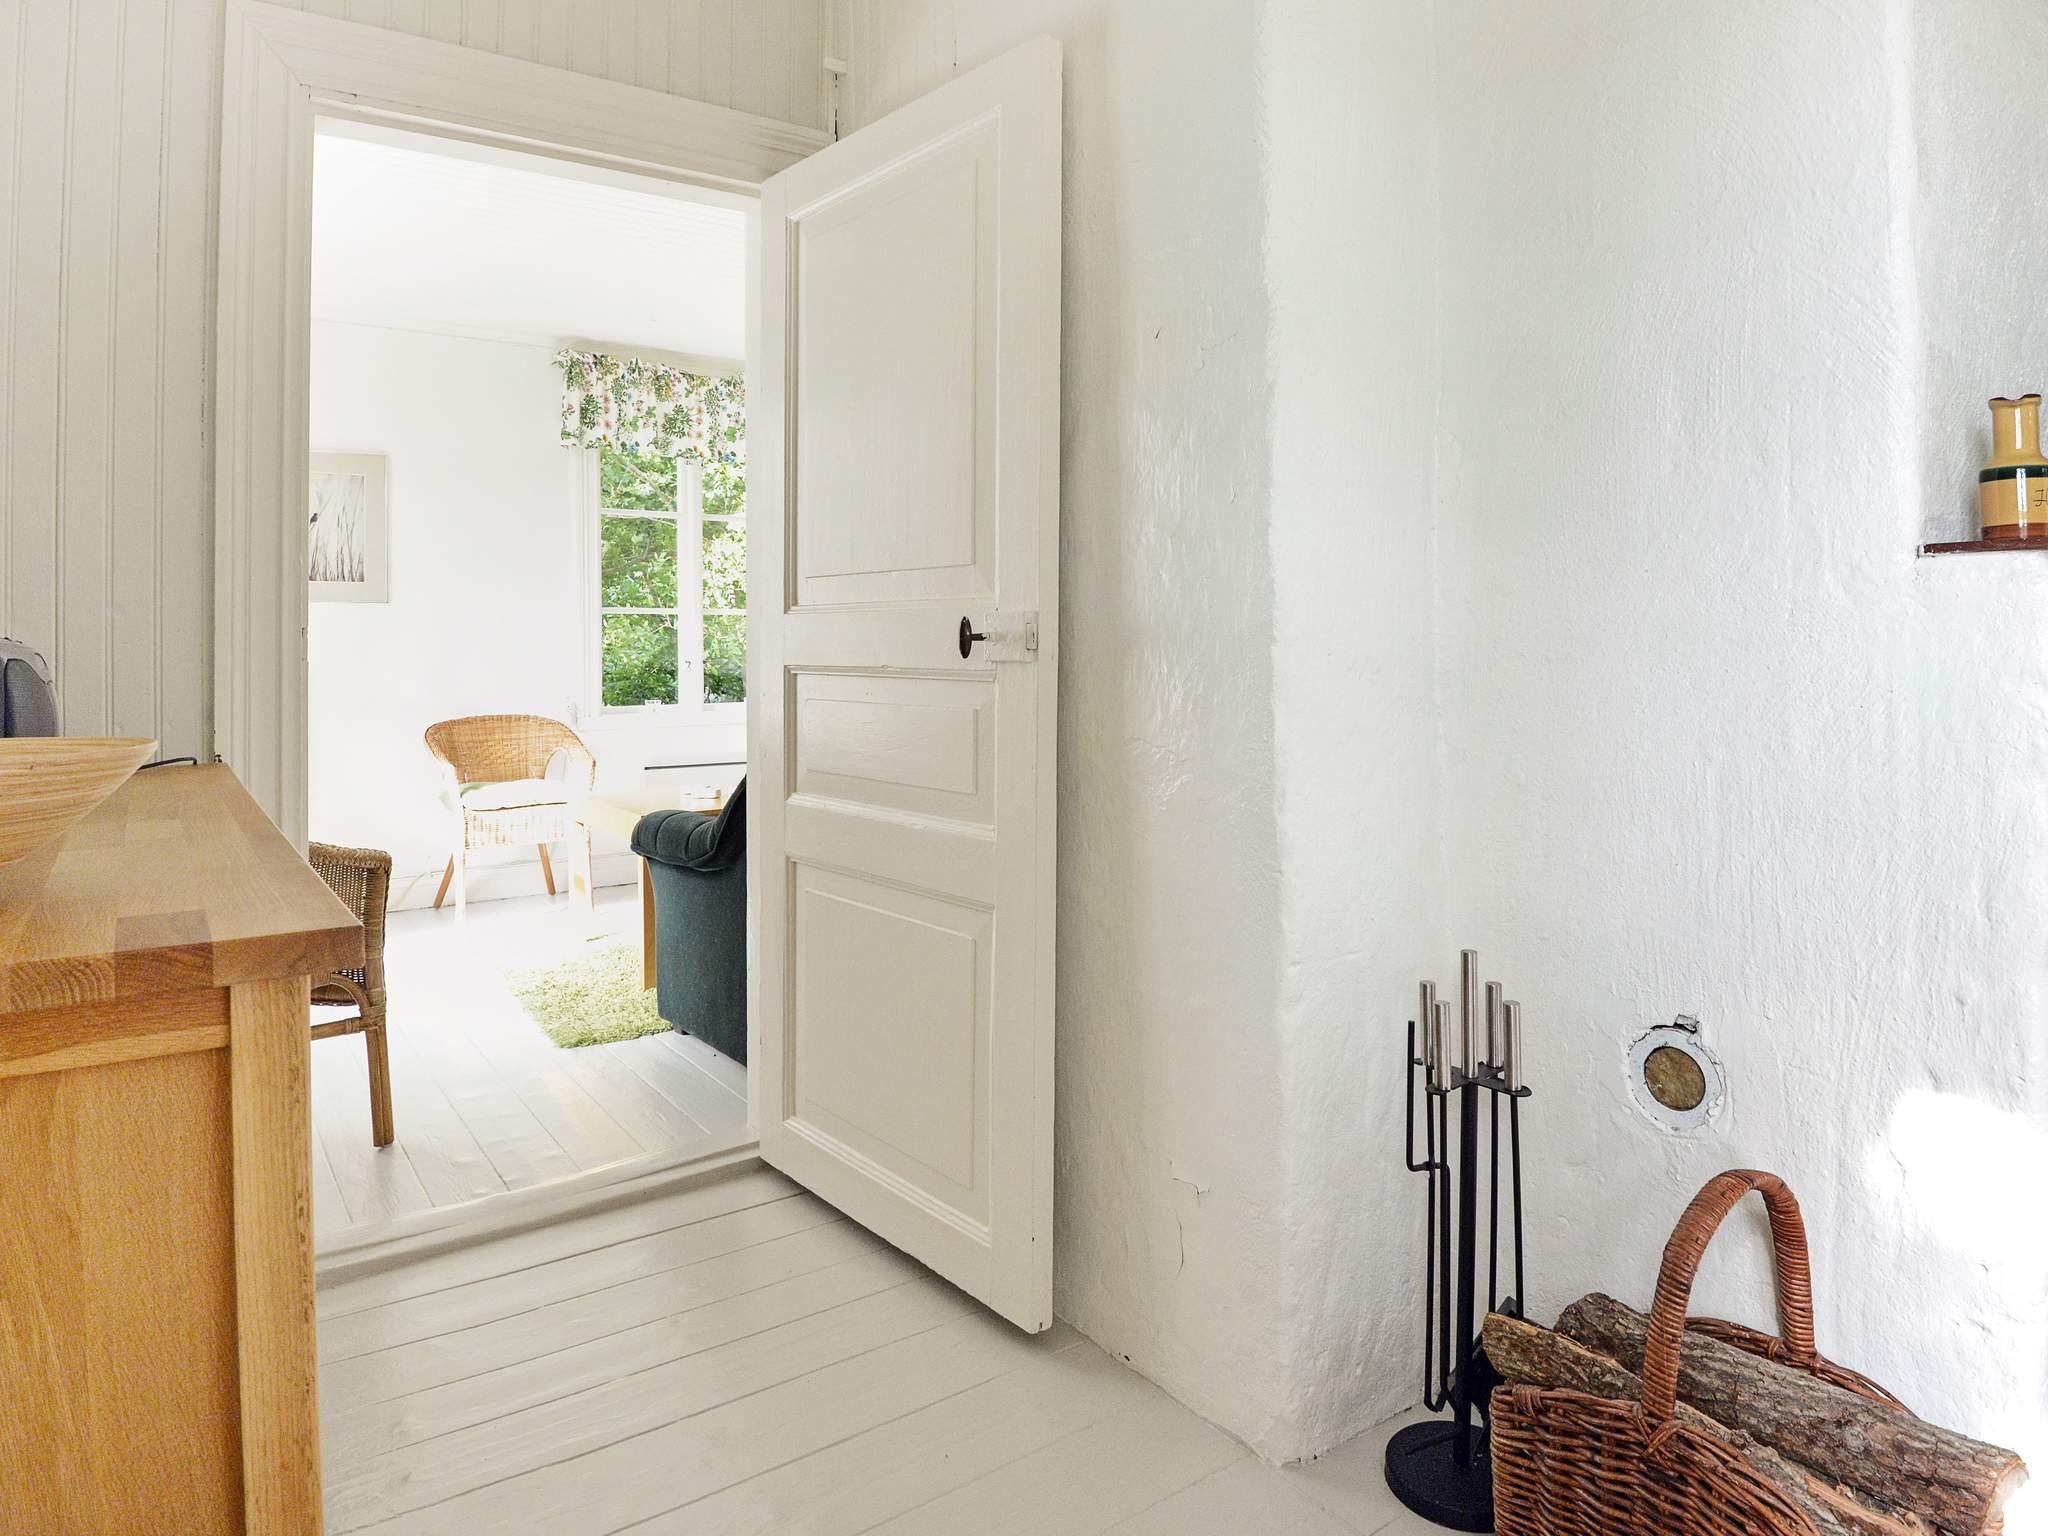 Ferienhaus Mariefred (426484), Mariefred, Södermanlands län, Mittelschweden, Schweden, Bild 4